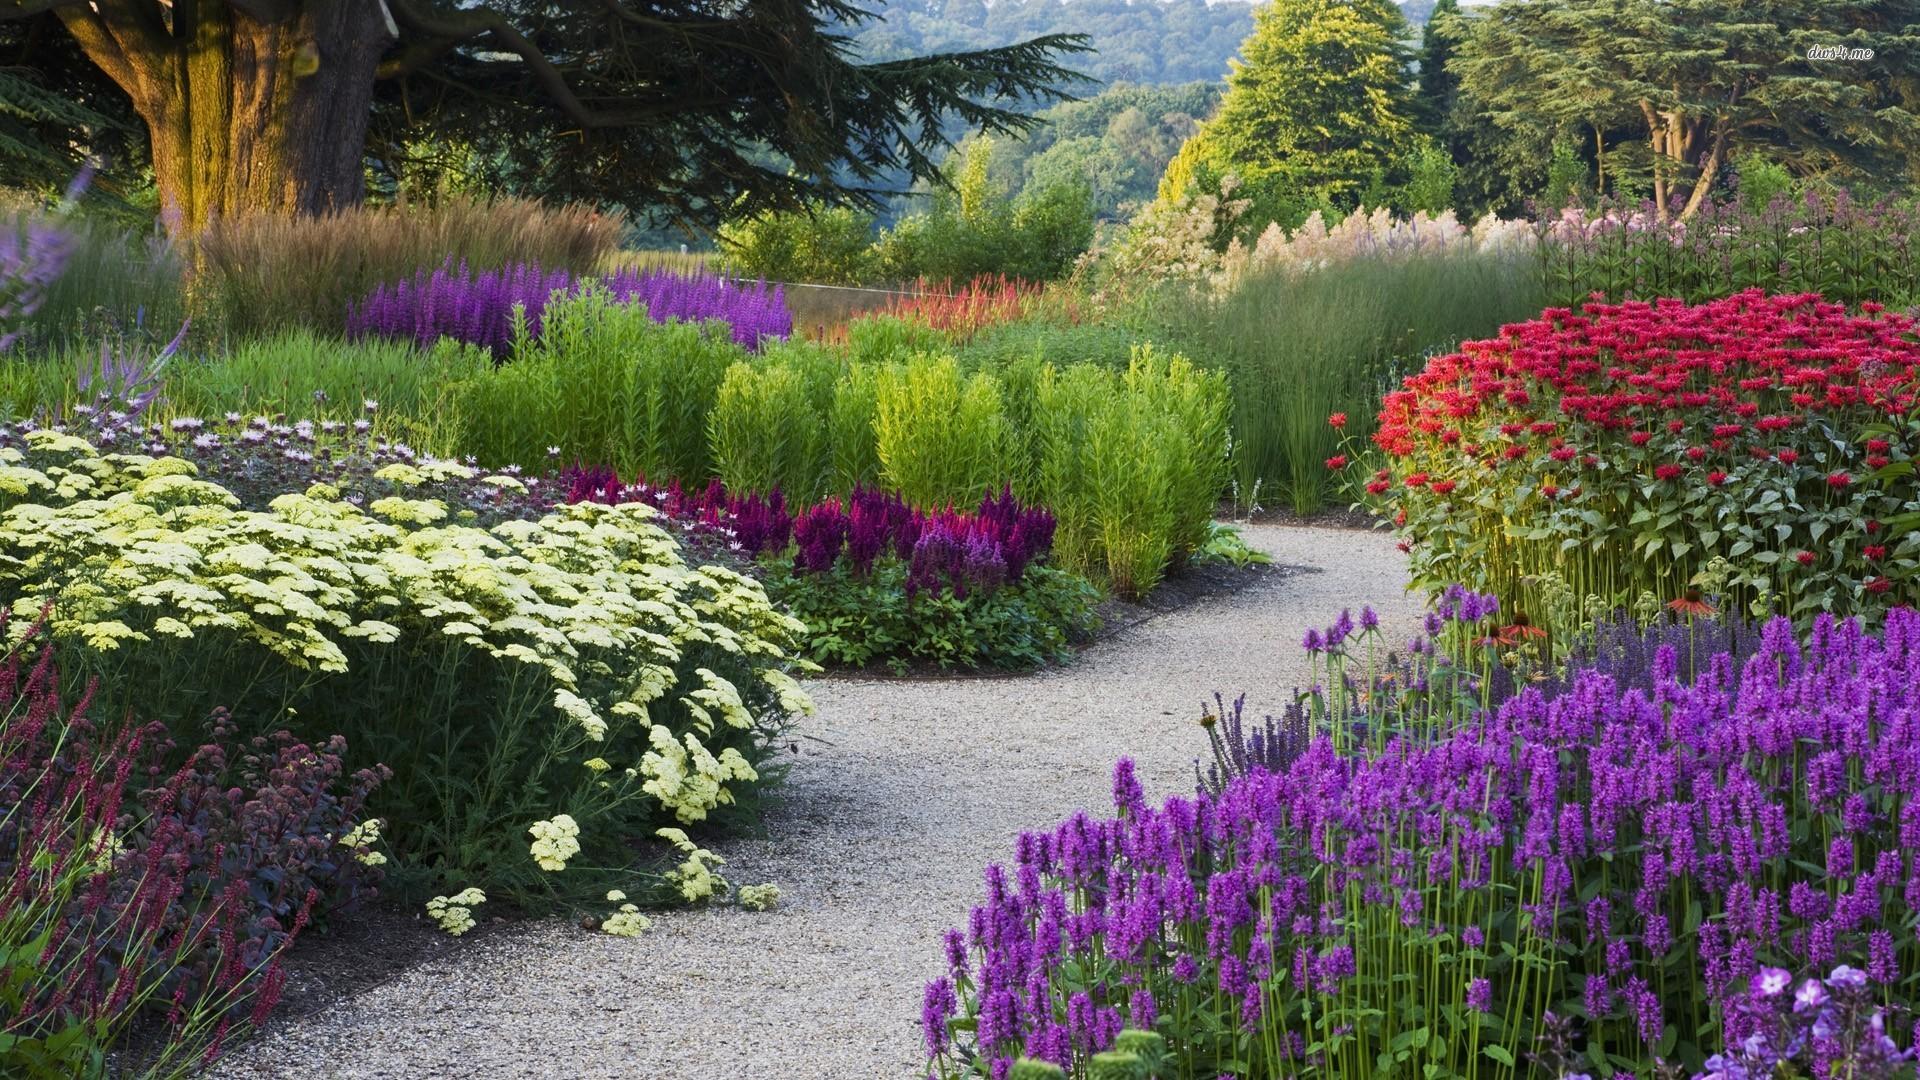 Flower garden wallpaper 1280x800 Flower garden wallpaper 1366x768 1920x1080